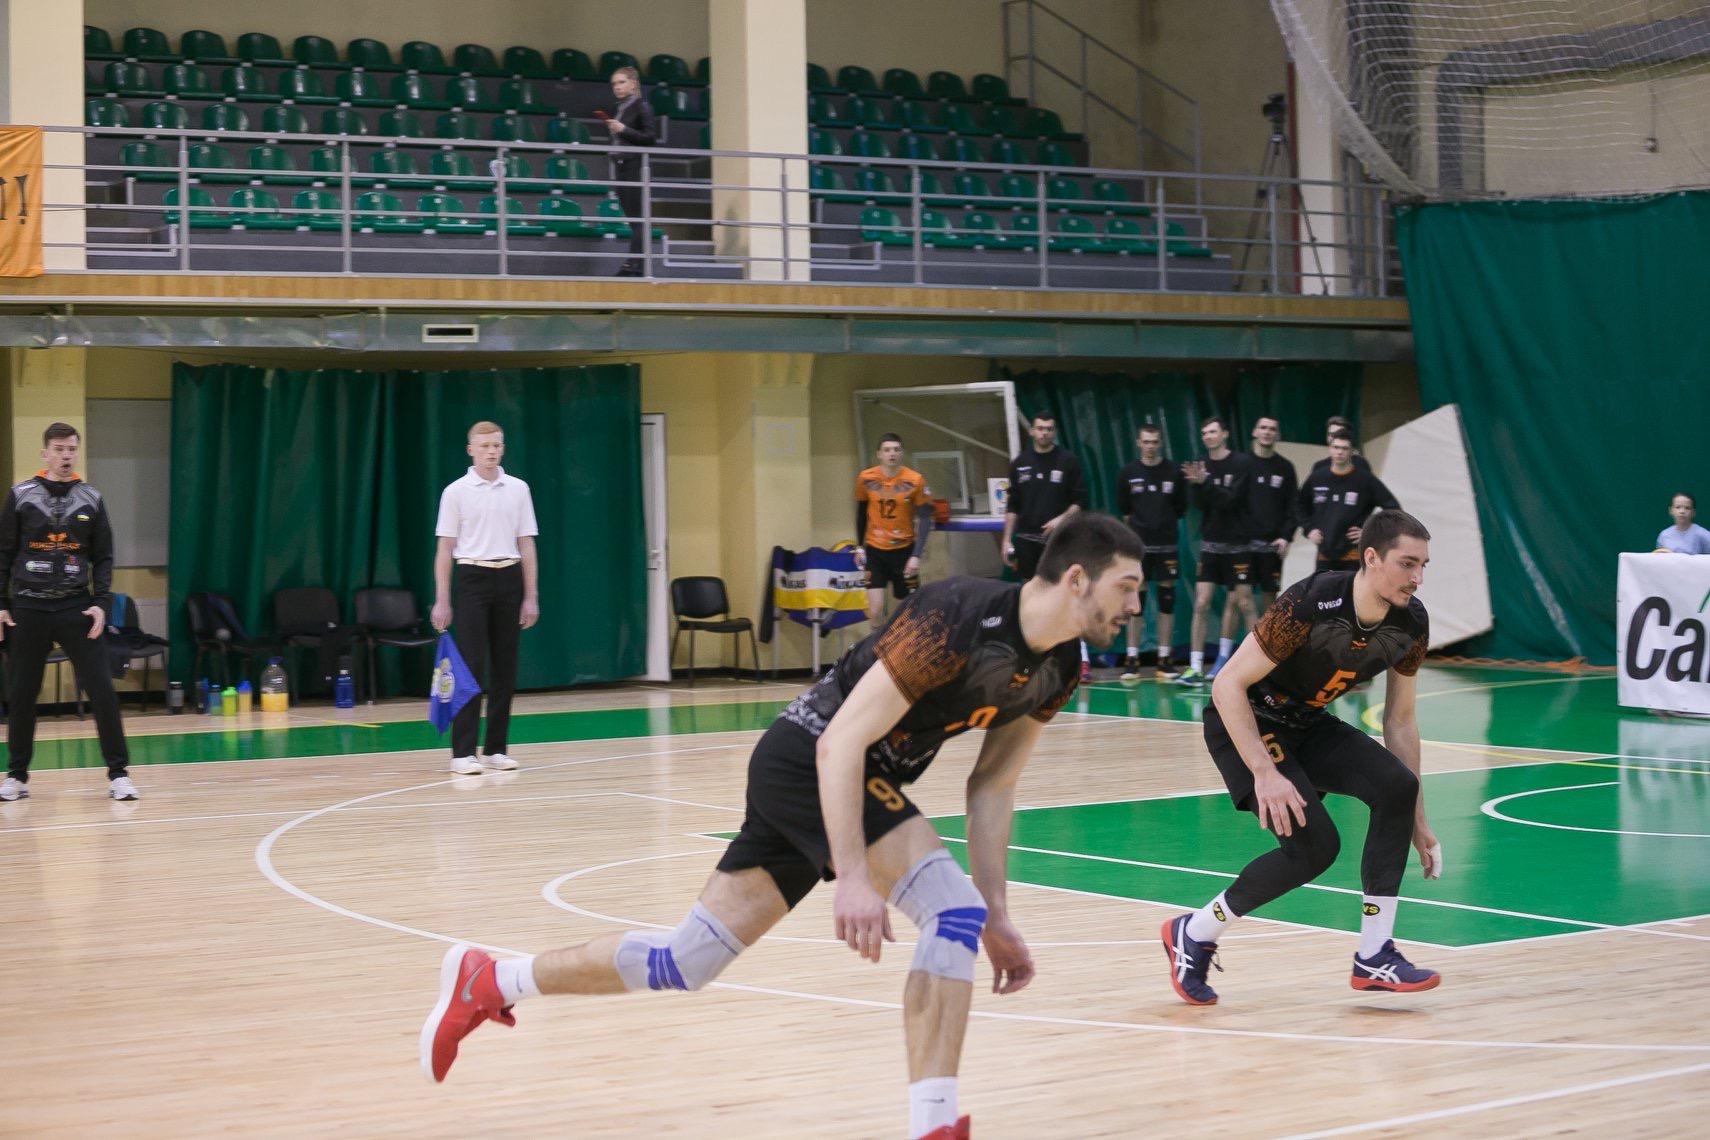 «Барком-Кажани»:»Серце Поділля». Фінал  Чемпіонату. Фотозвіт - 11